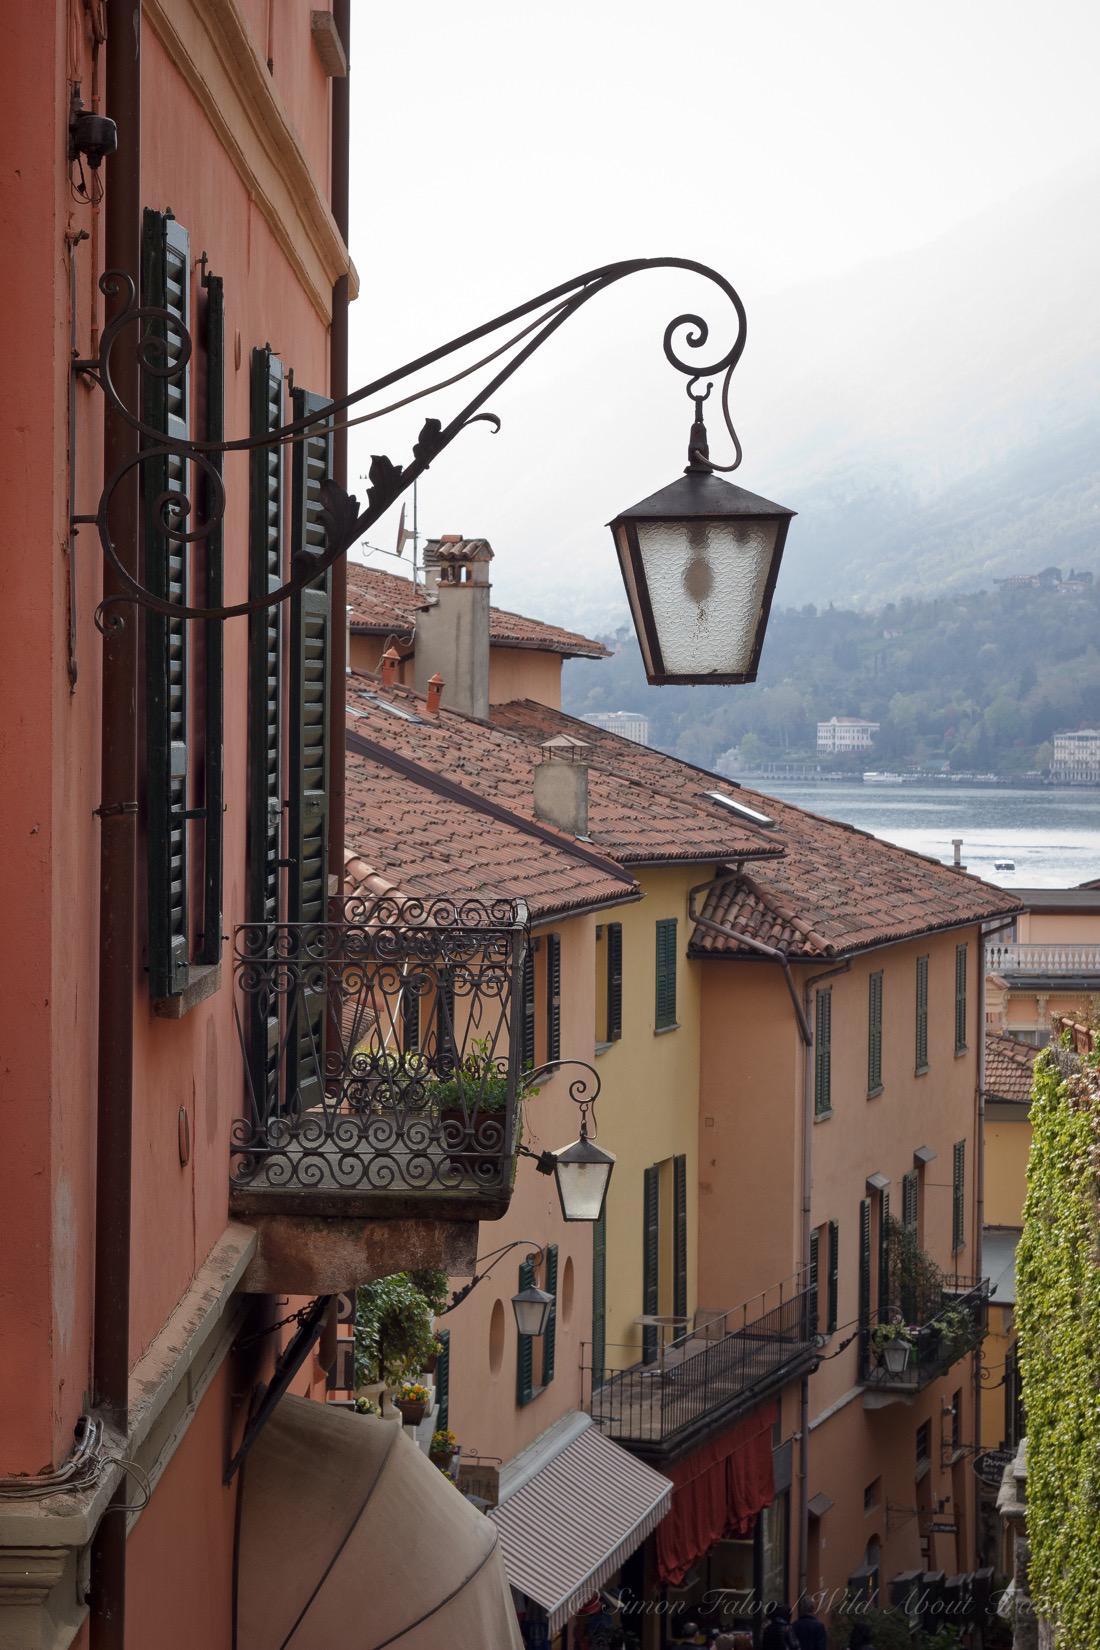 Picturesque Bellagio